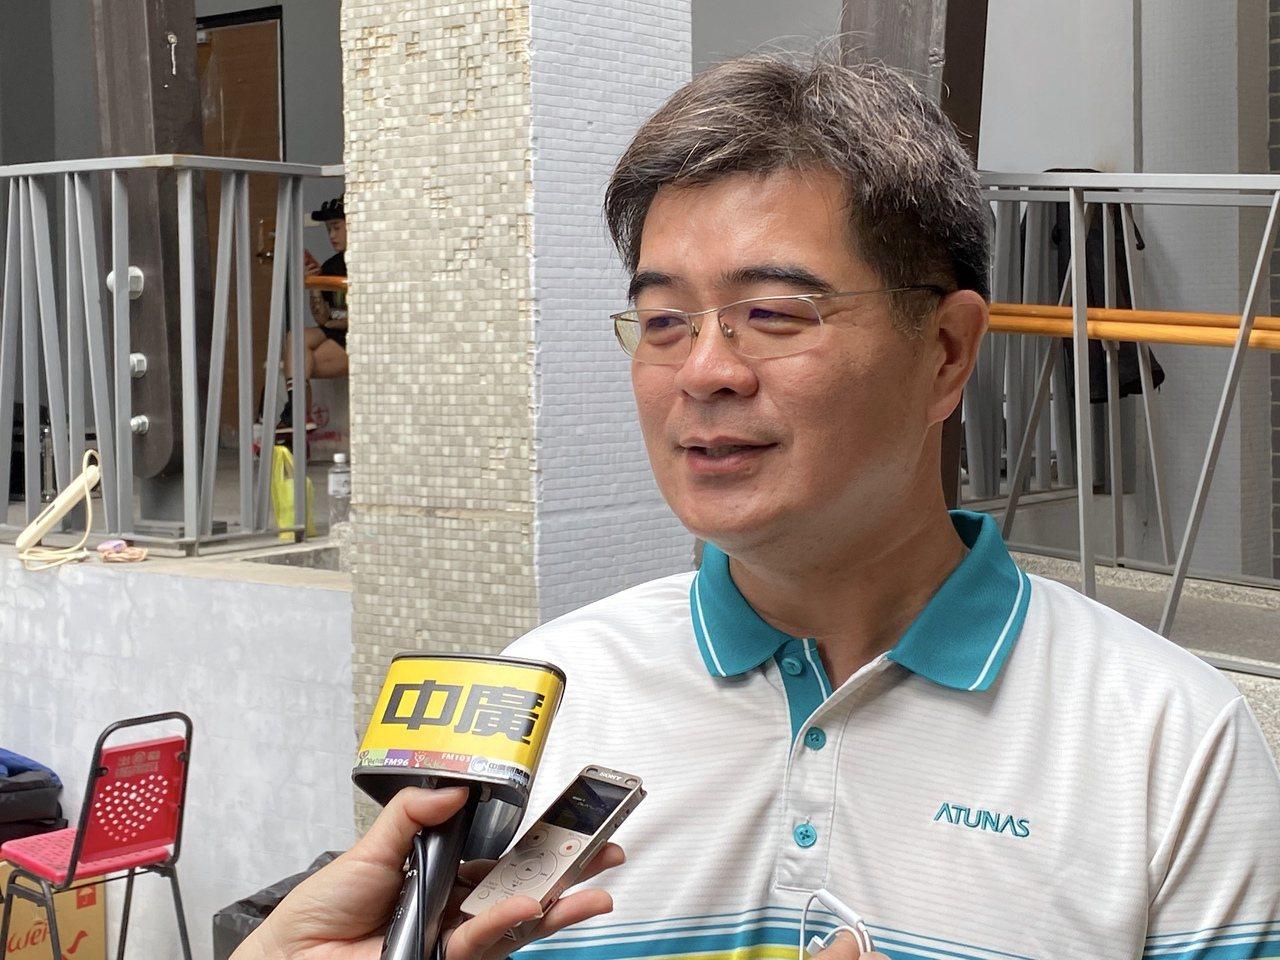 大鵬灣國家風景區管理處副處長王玟傑表示,目前尚在仲裁階段,遊藝區設施確實已完全停...